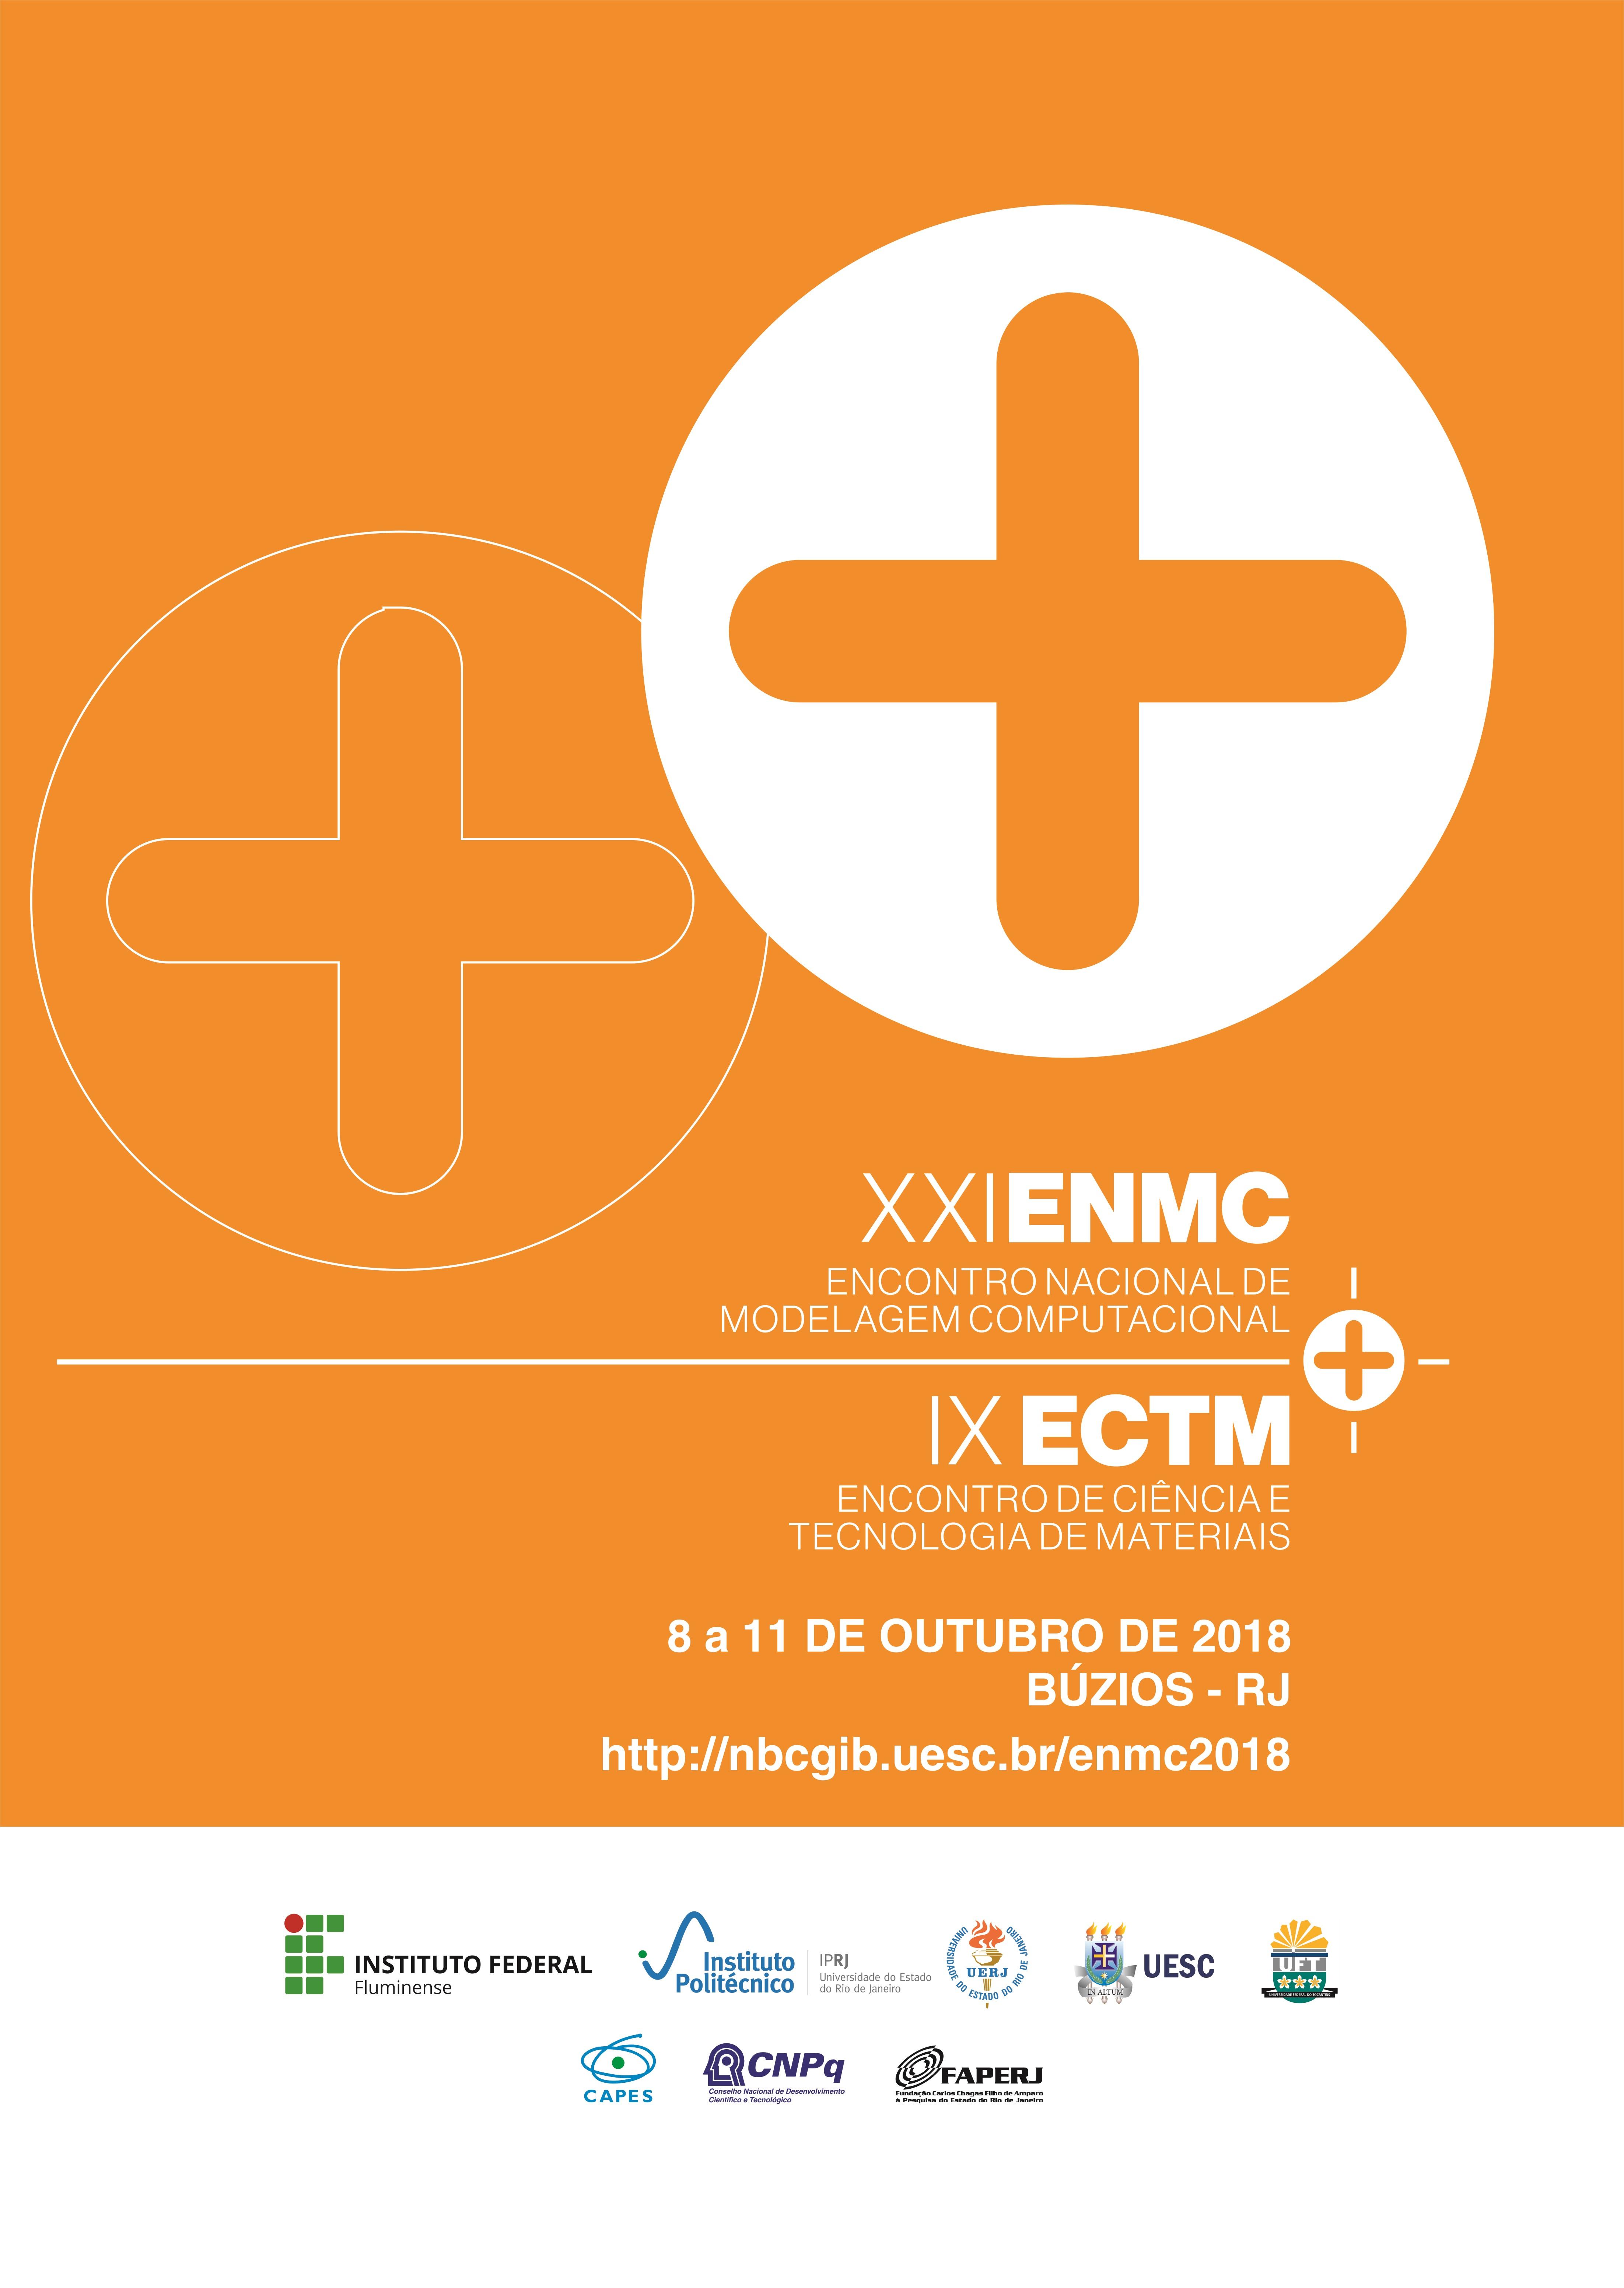 XXI Encontro Nacional de Modelagem Computacional (XXI ENMC) e IX Encontro de Ciência e Tecnologia de Materiais (IX ECTM)